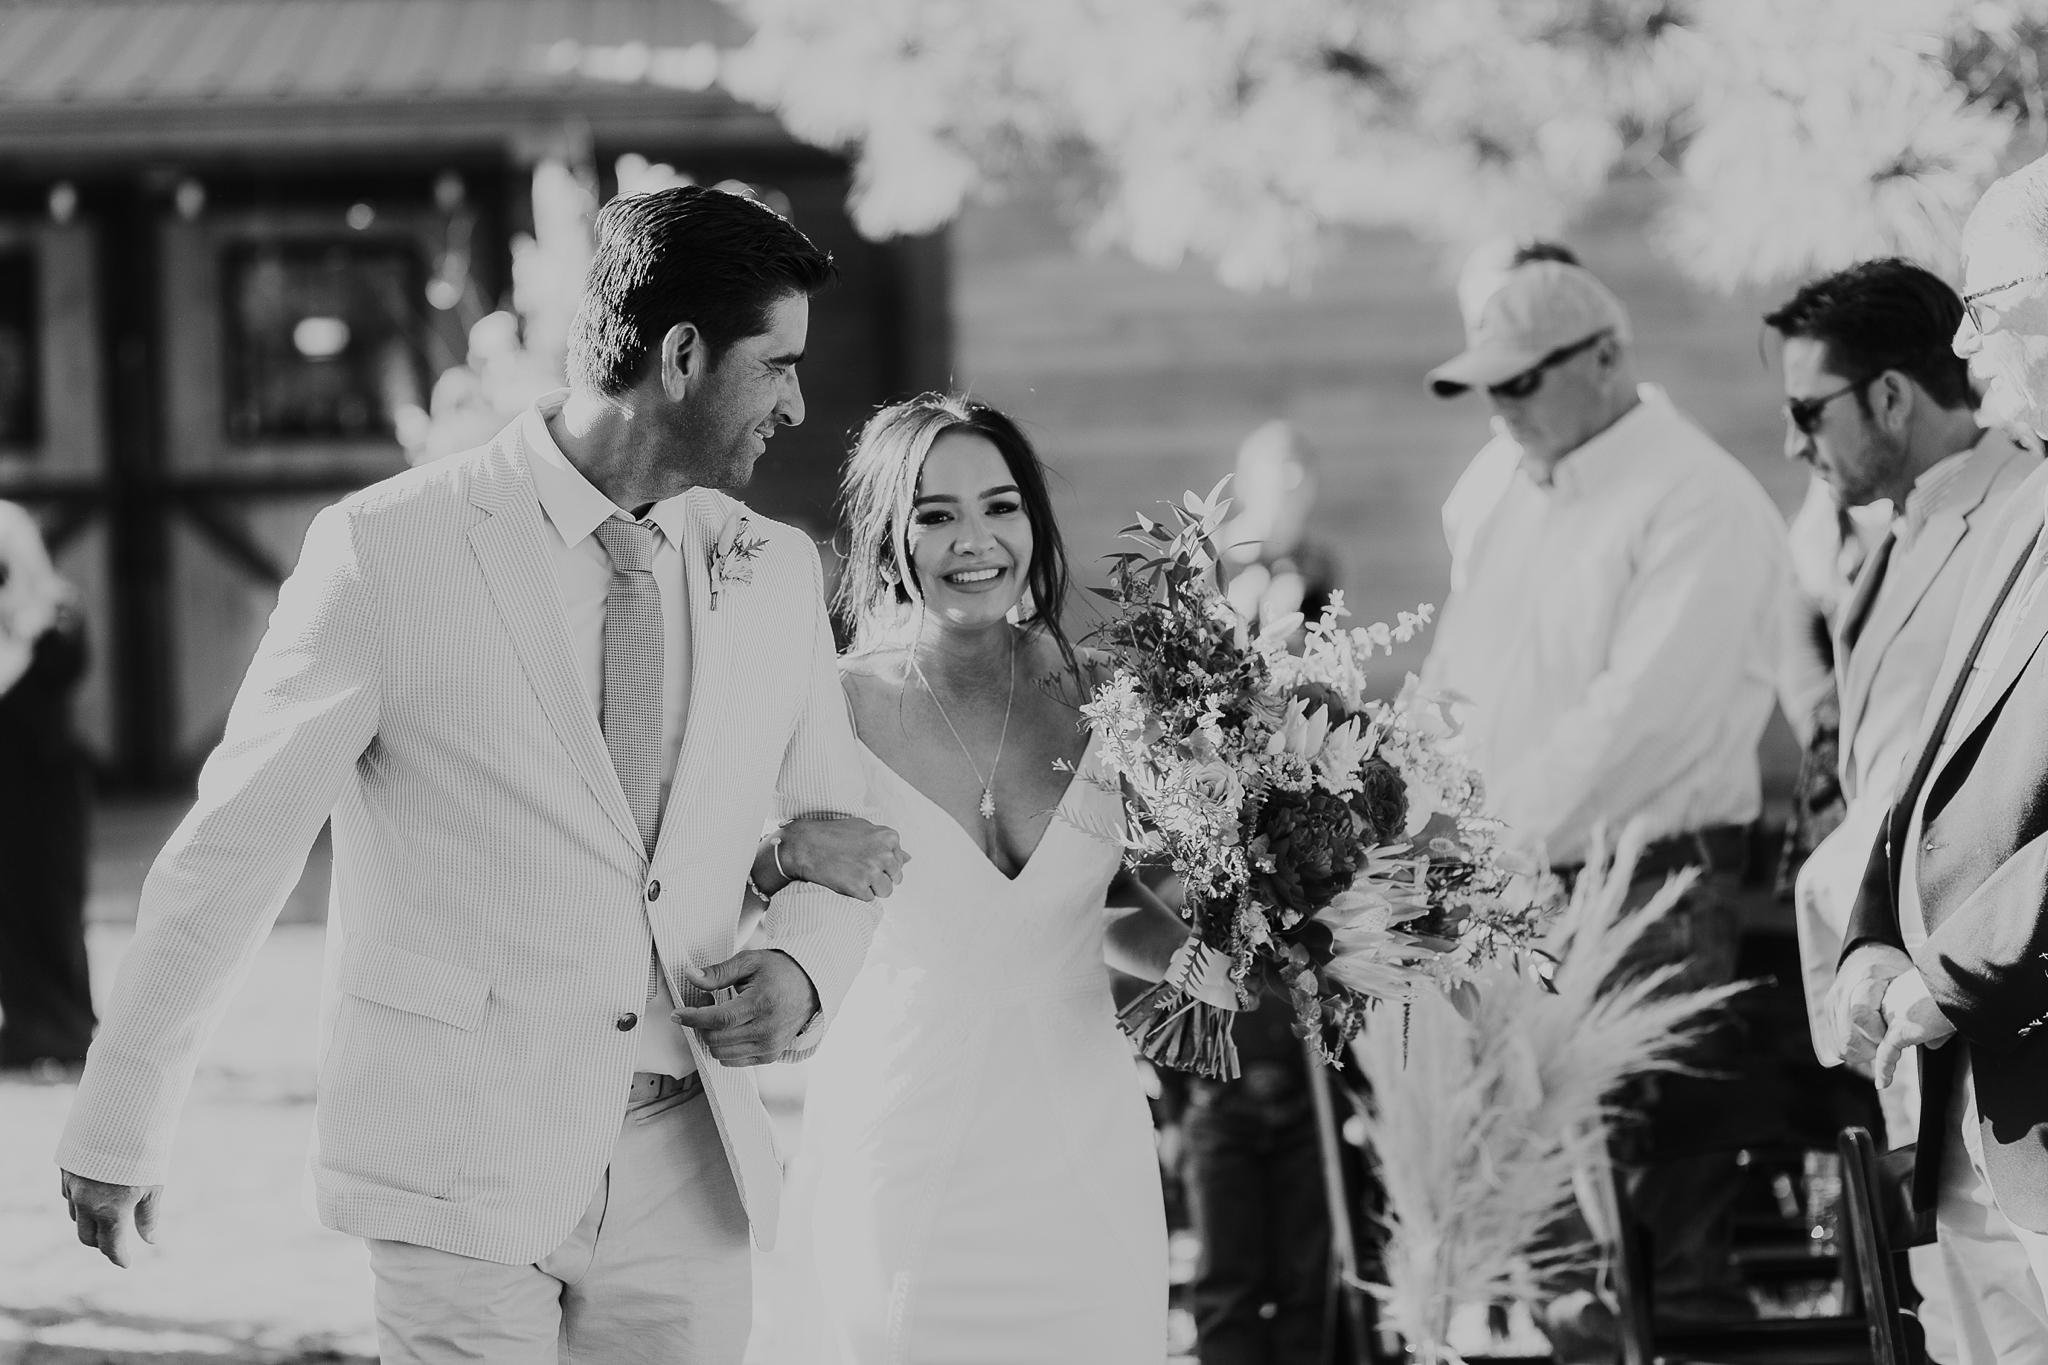 Alicia+lucia+photography+-+albuquerque+wedding+photographer+-+santa+fe+wedding+photography+-+new+mexico+wedding+photographer+-+new+mexico+wedding+-+new+mexico+wedding+-+barn+wedding+-+enchanted+vine+barn+wedding+-+ruidoso+wedding_0096.jpg